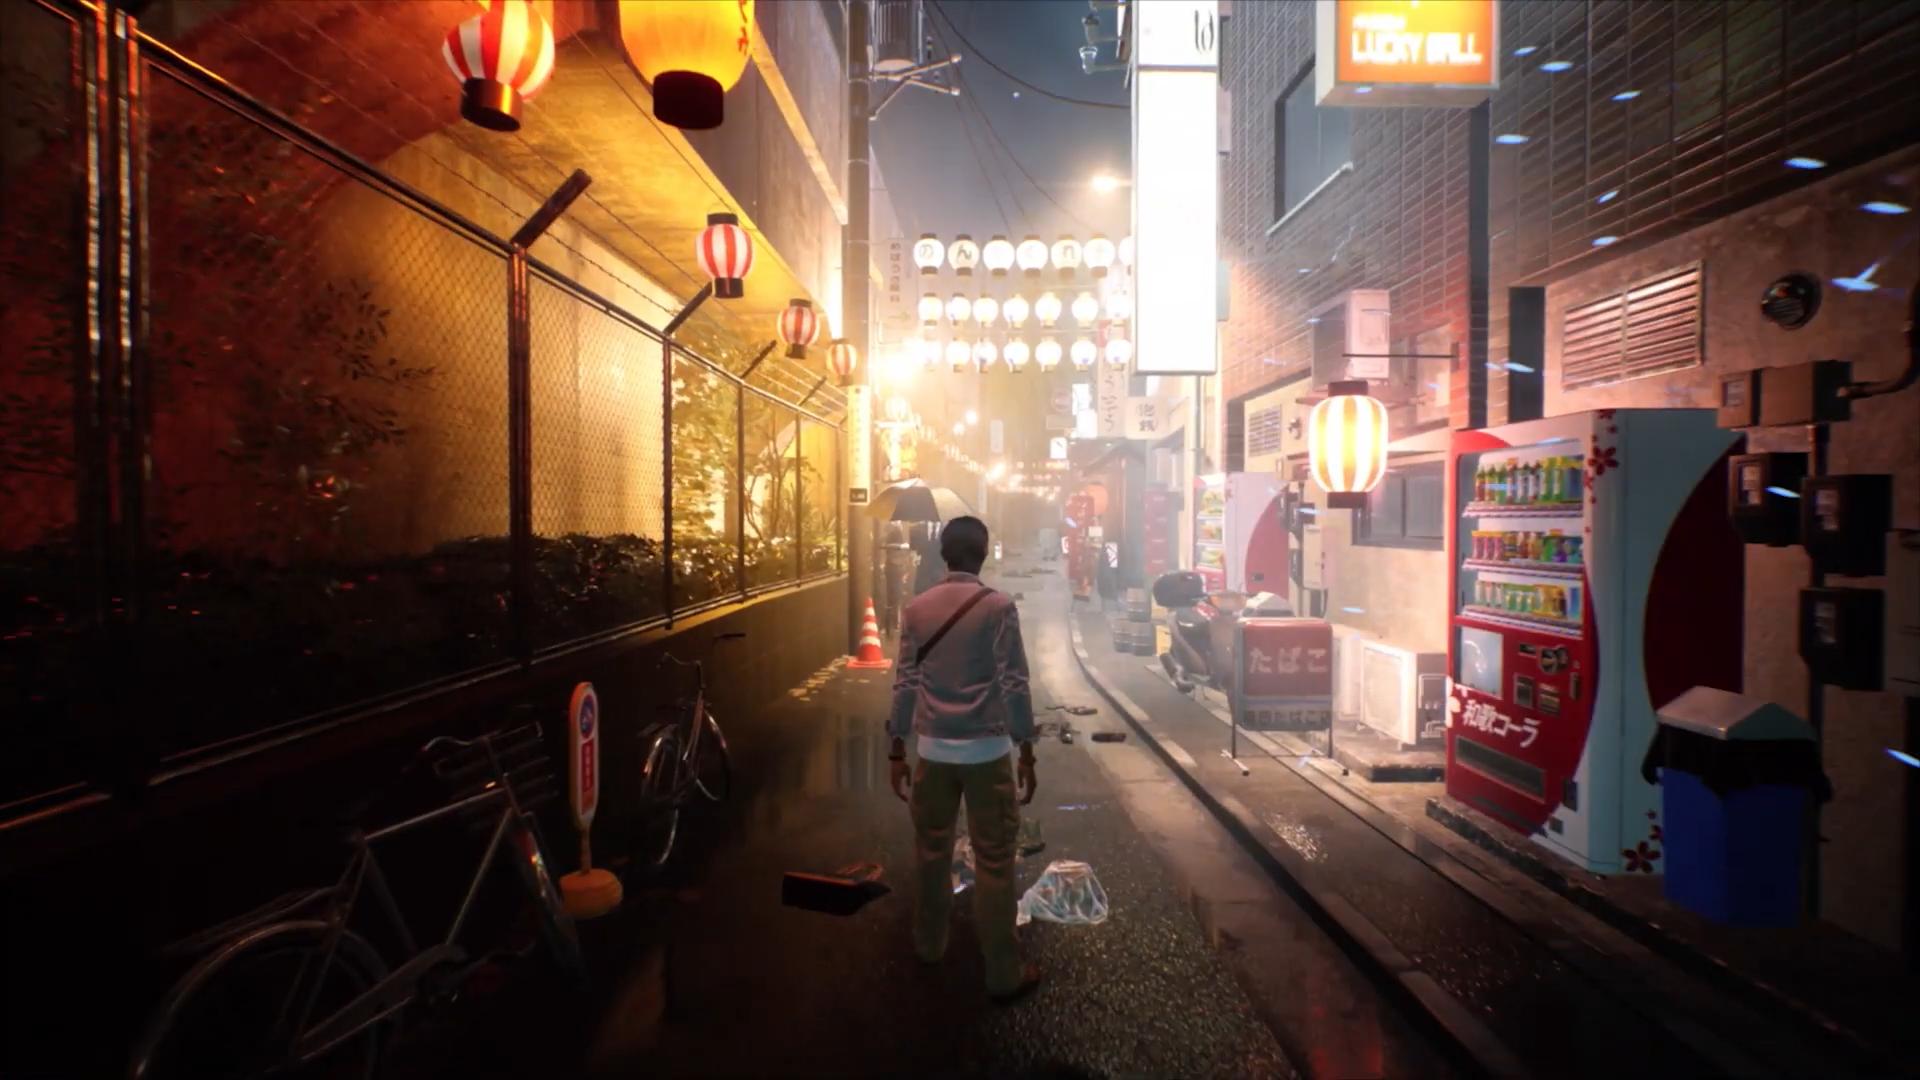 ベセスダ新作ゴーストワイヤー東京、デスループのプレイ動画きたー!!PS5独占販売!オンライン要素も判明!